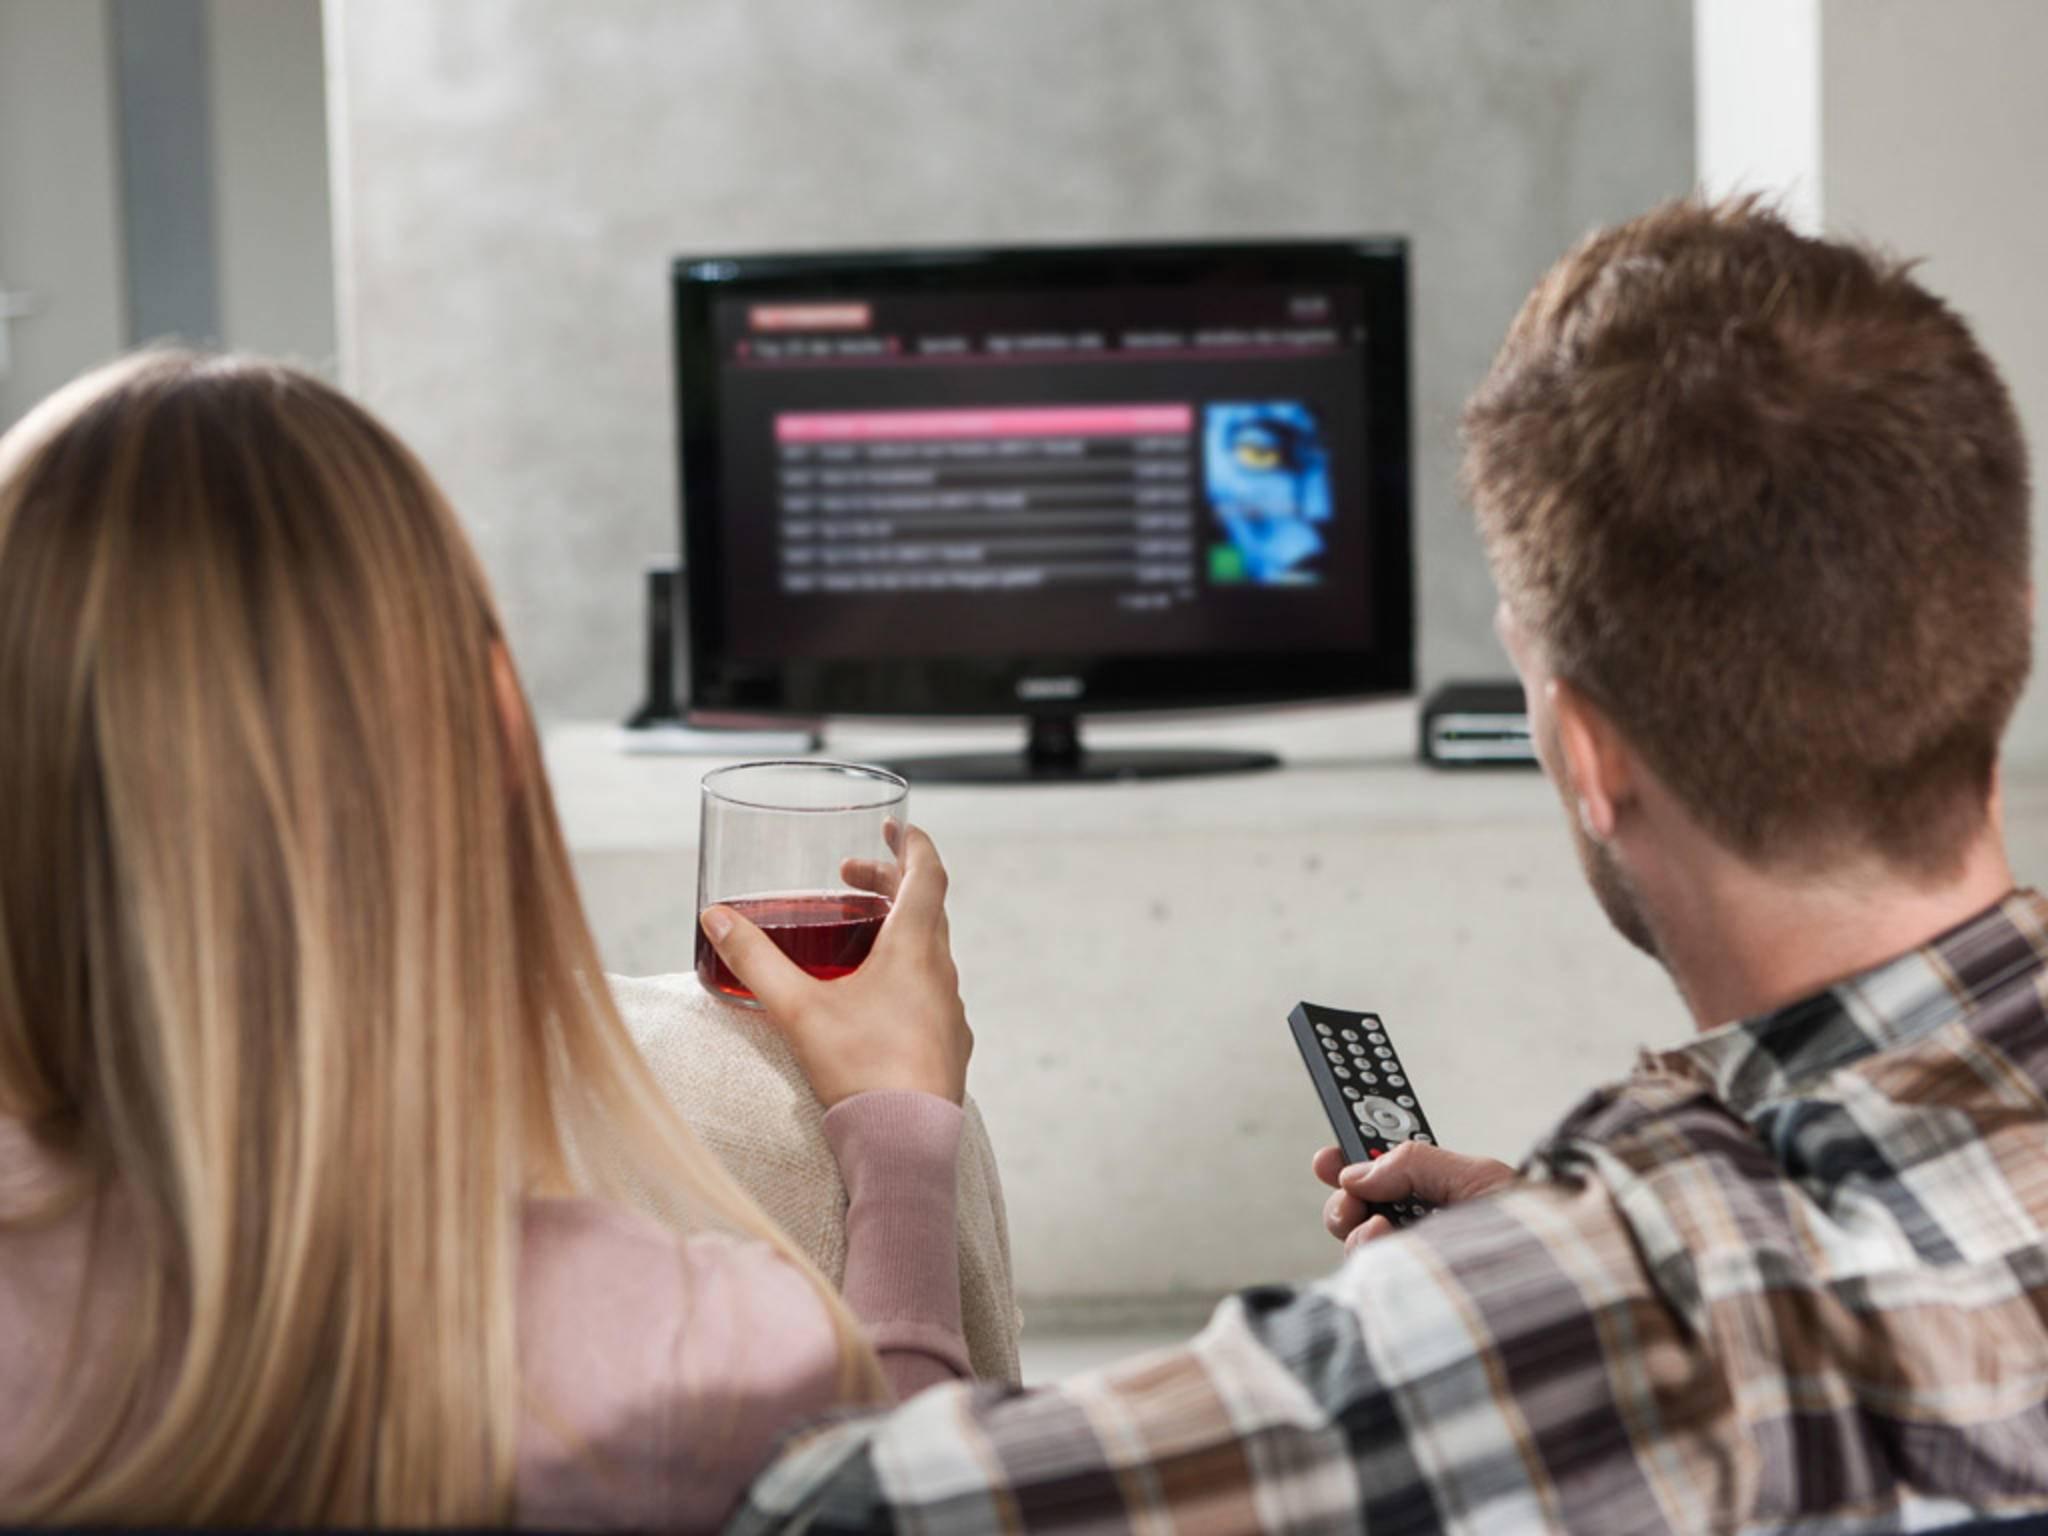 Das bieten Entertain, Vodafone TV und Co. in puncto Pay-TV,